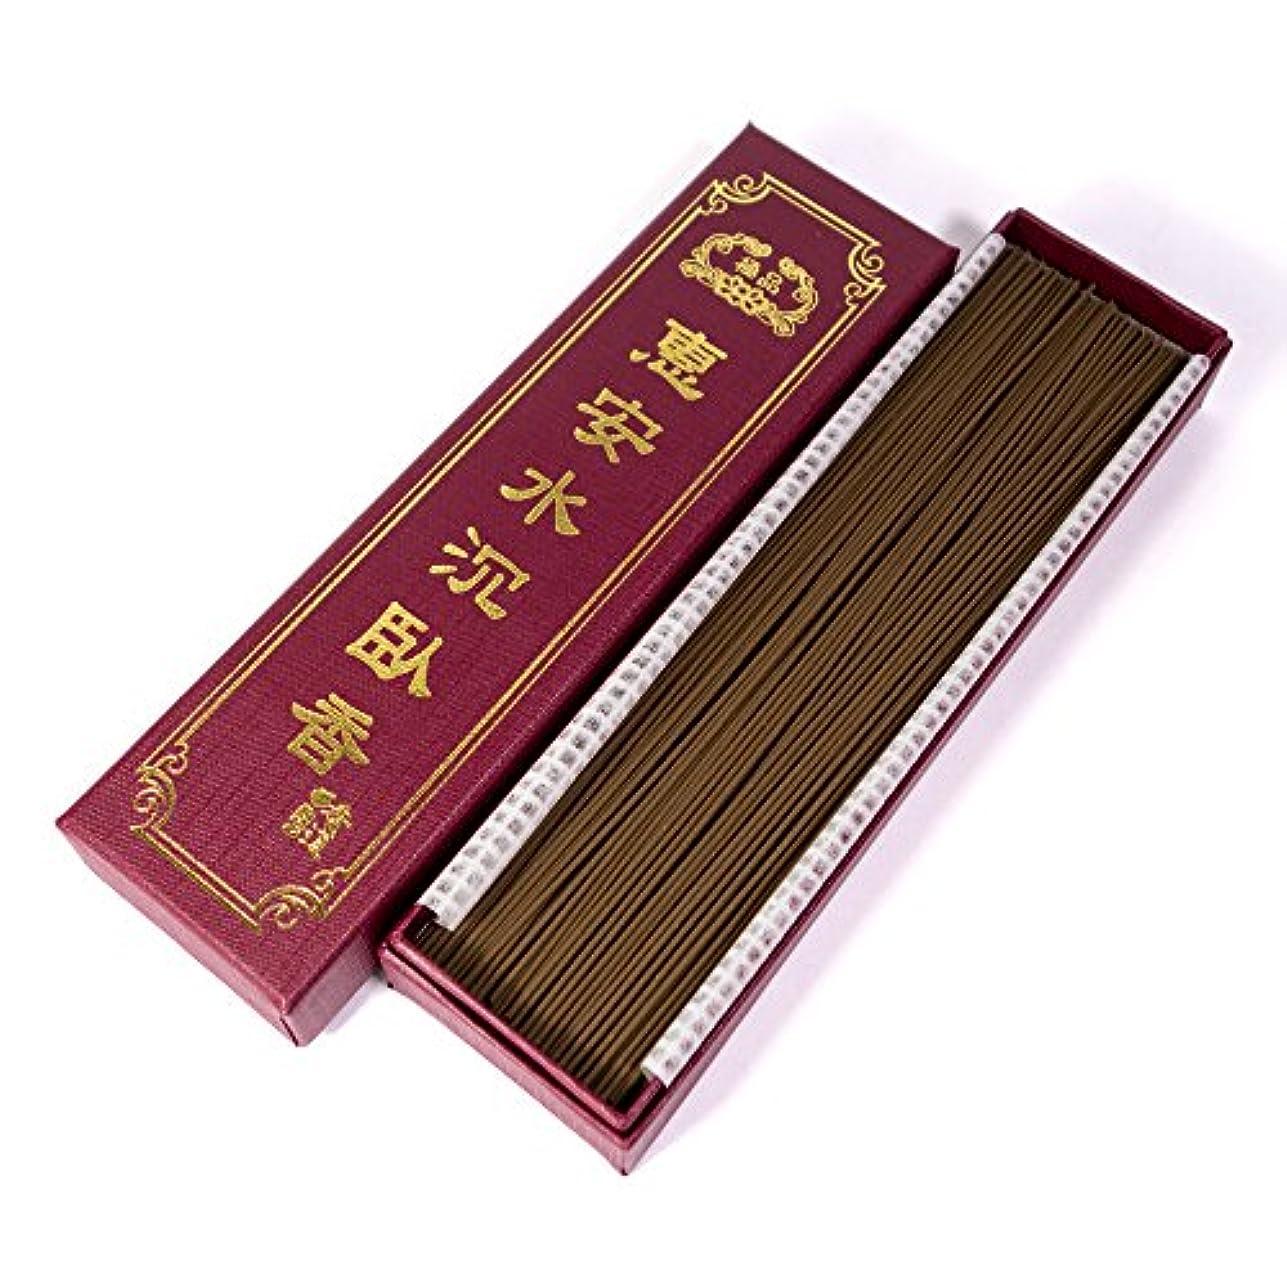 台湾沉香舍 お香 香木 線香 水沈香 惠安水沈香 煙少香 21cm 75g 約220本